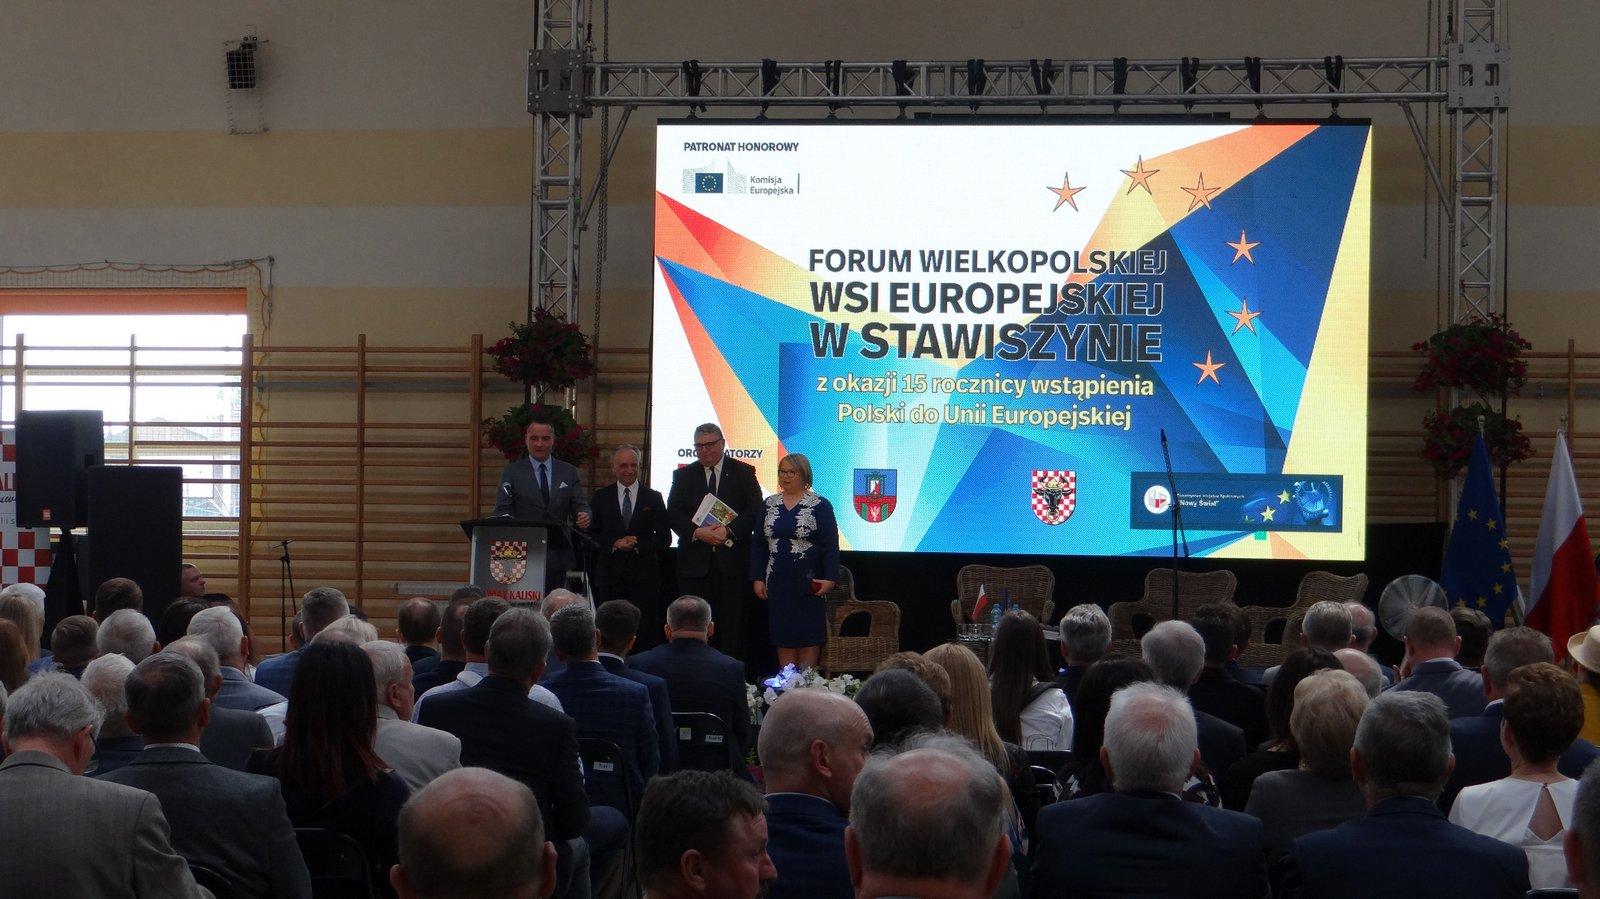 dsc09470 - Wielkopolska zaradność i pracowitość doceniona na Forum Wielkopolskiej Wsi Europejskiej